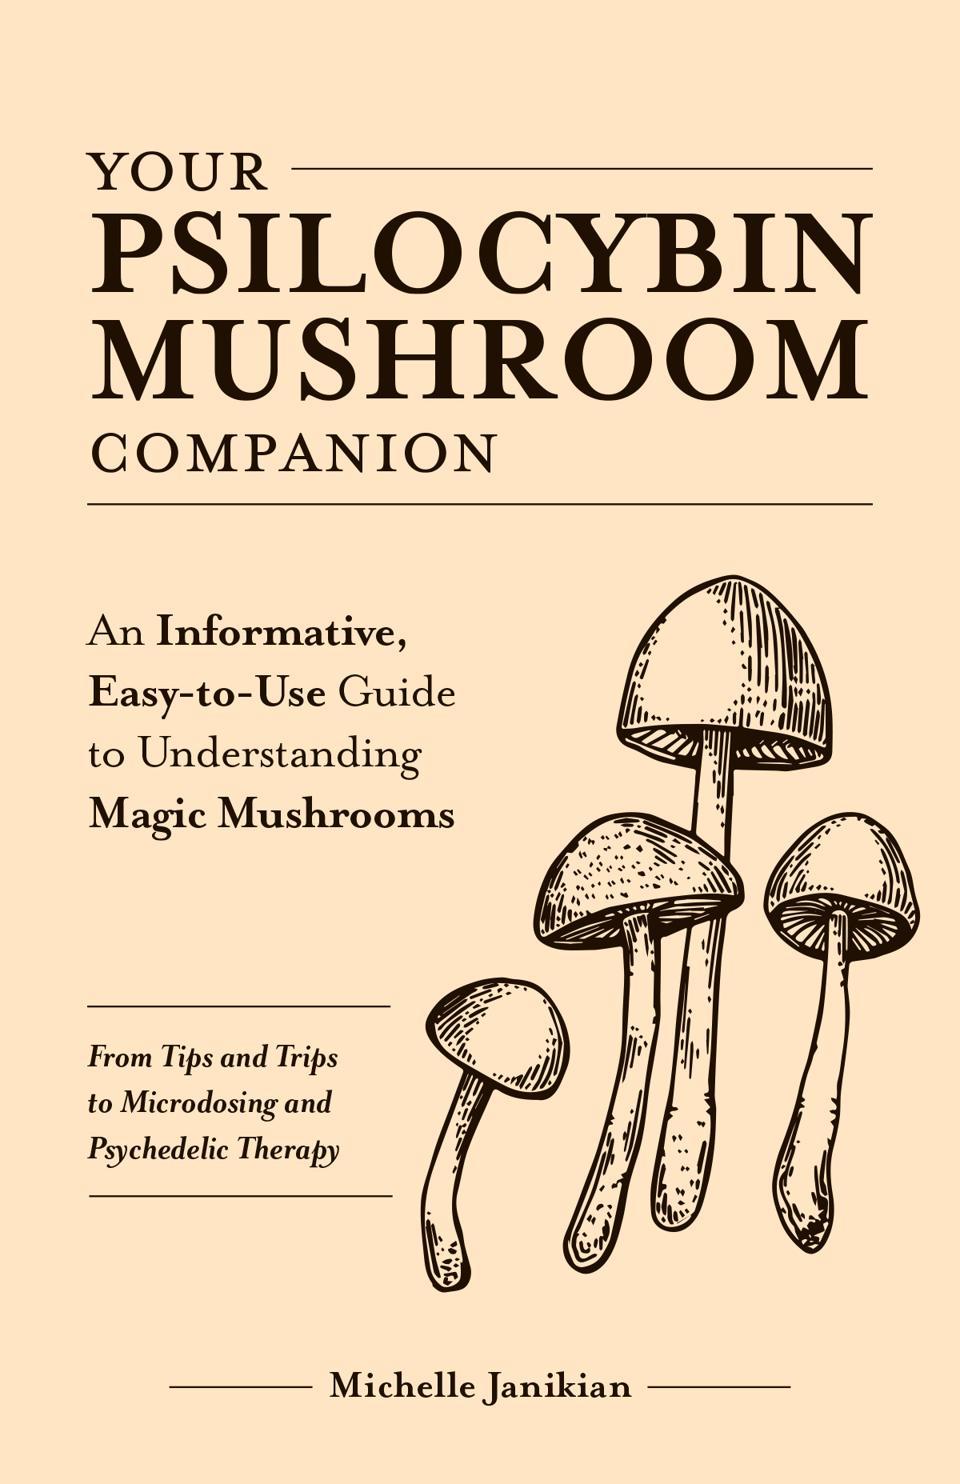 Psilocybin Companion cover